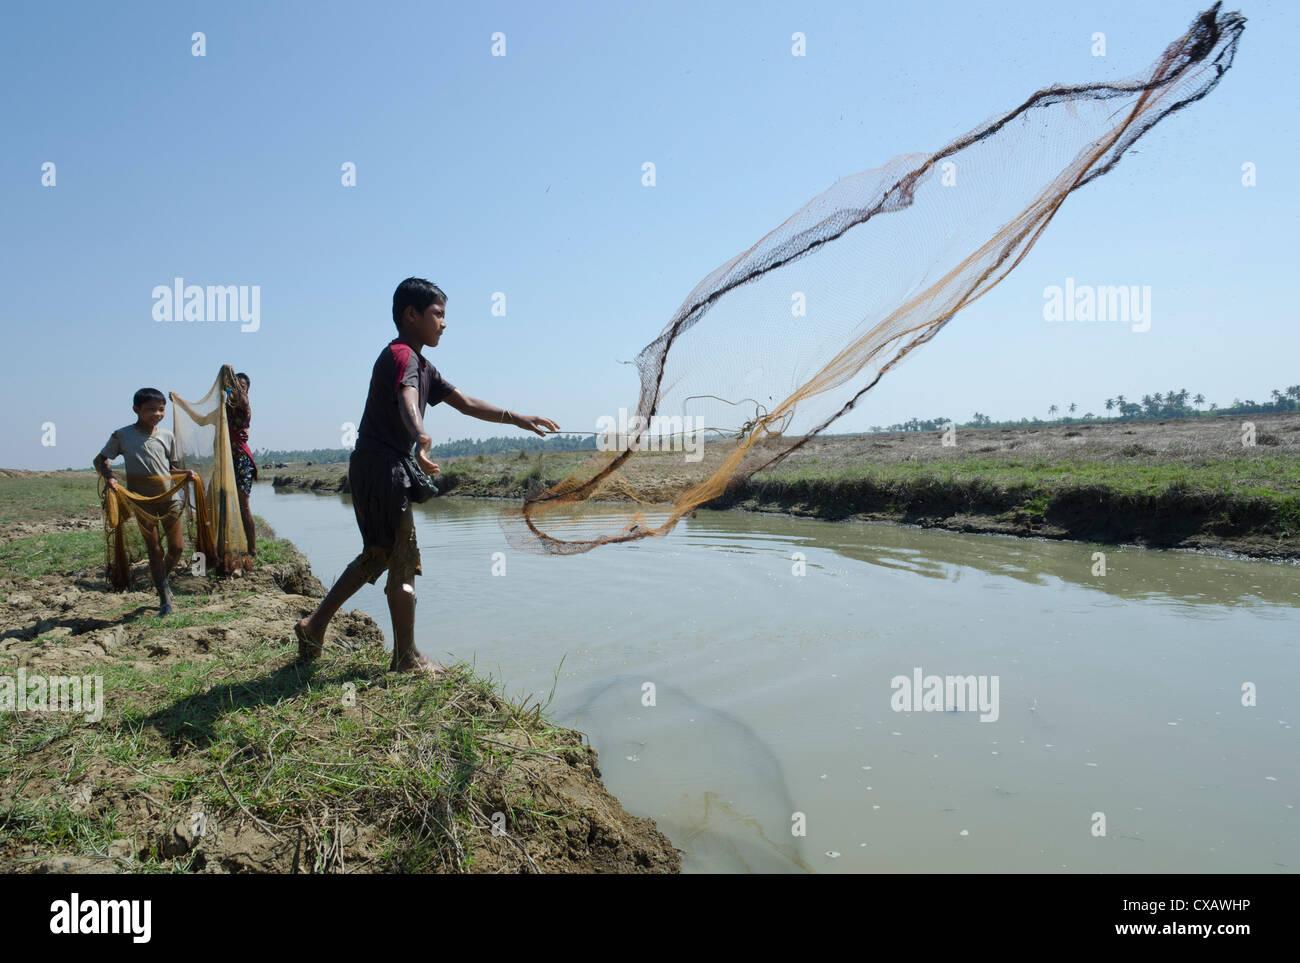 La pêche avec les jeunes dans la voie d'eau nette, Delta de l'Irrawaddy, le Myanmar (Birmanie), l'Asie Banque D'Images